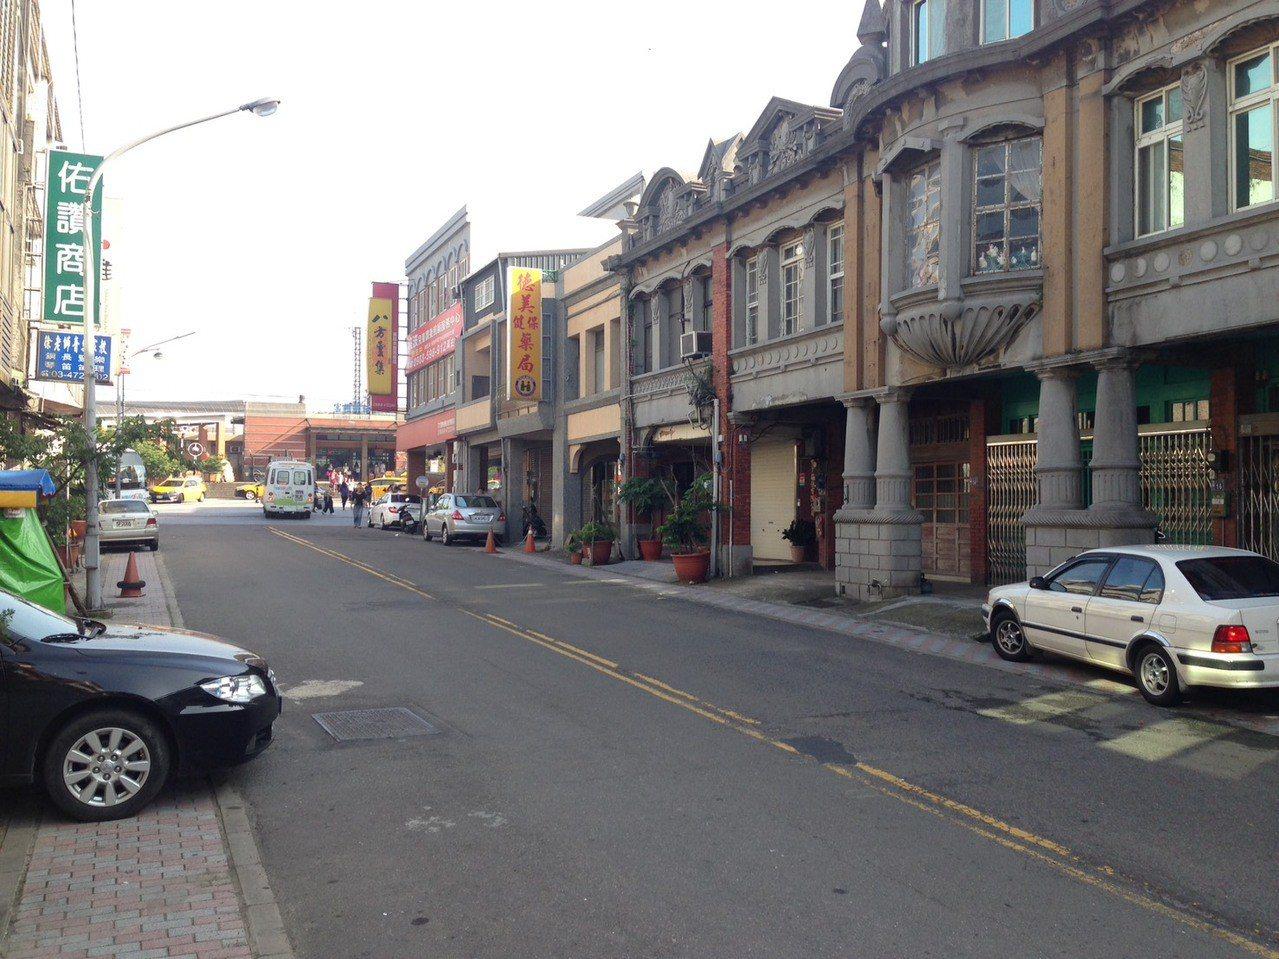 桃園市富岡火車站前就是老街仍保有日據時期建築外觀。 記者鄭國樑/攝影